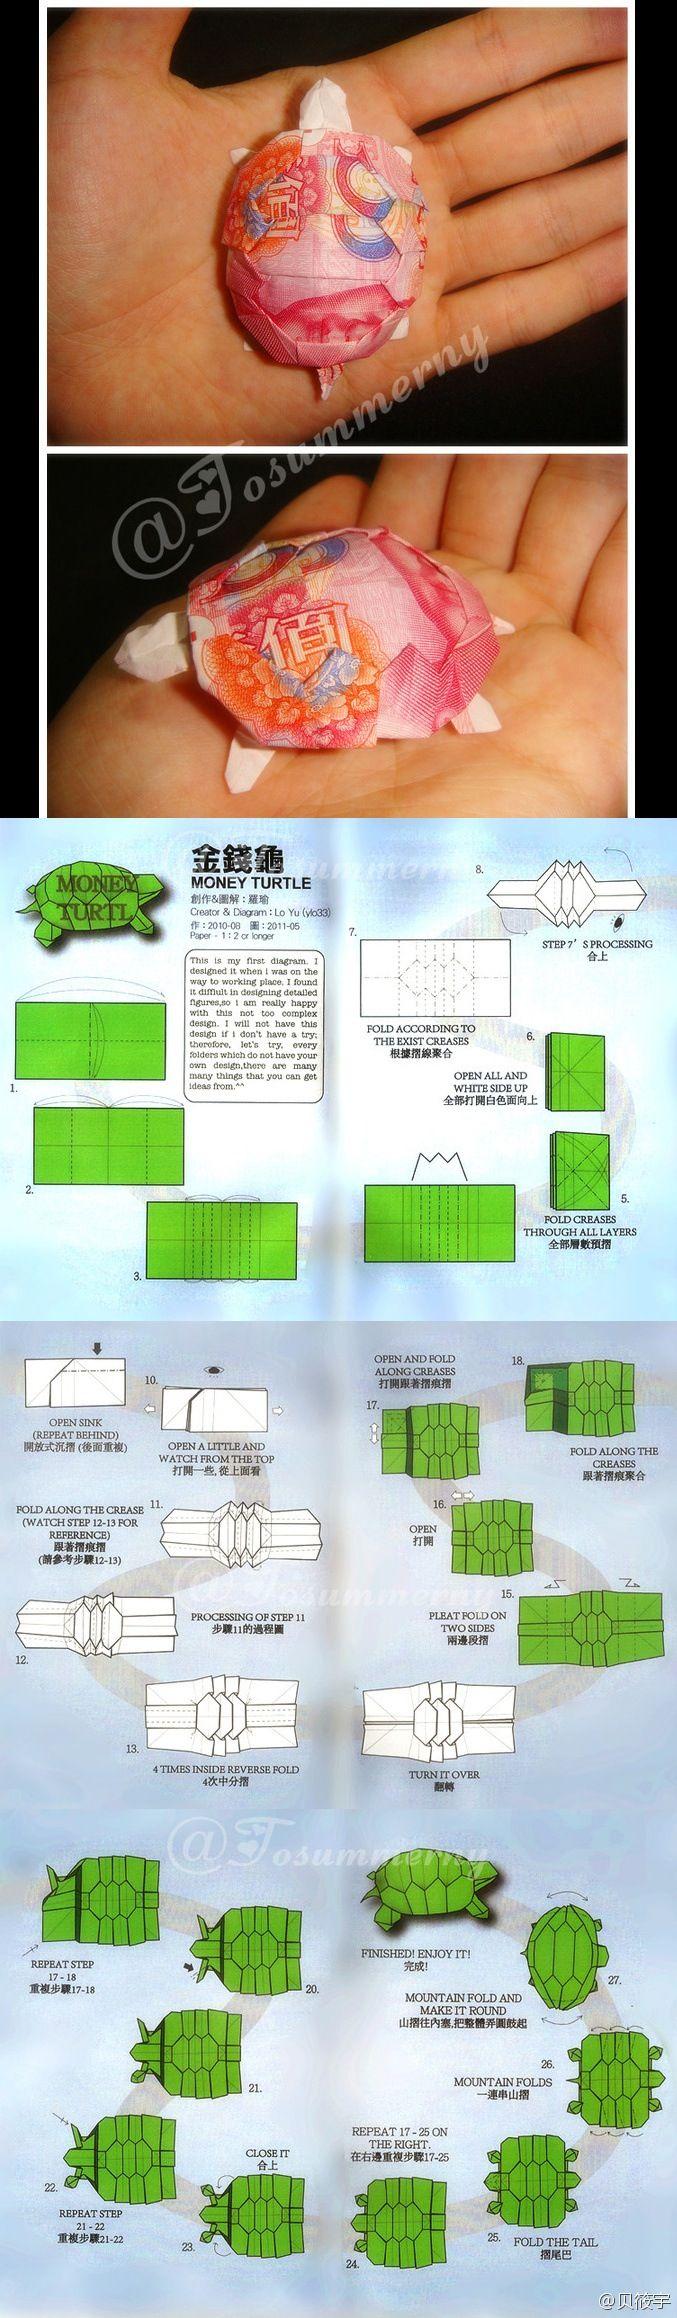 MONEY TURTLE! (origami)